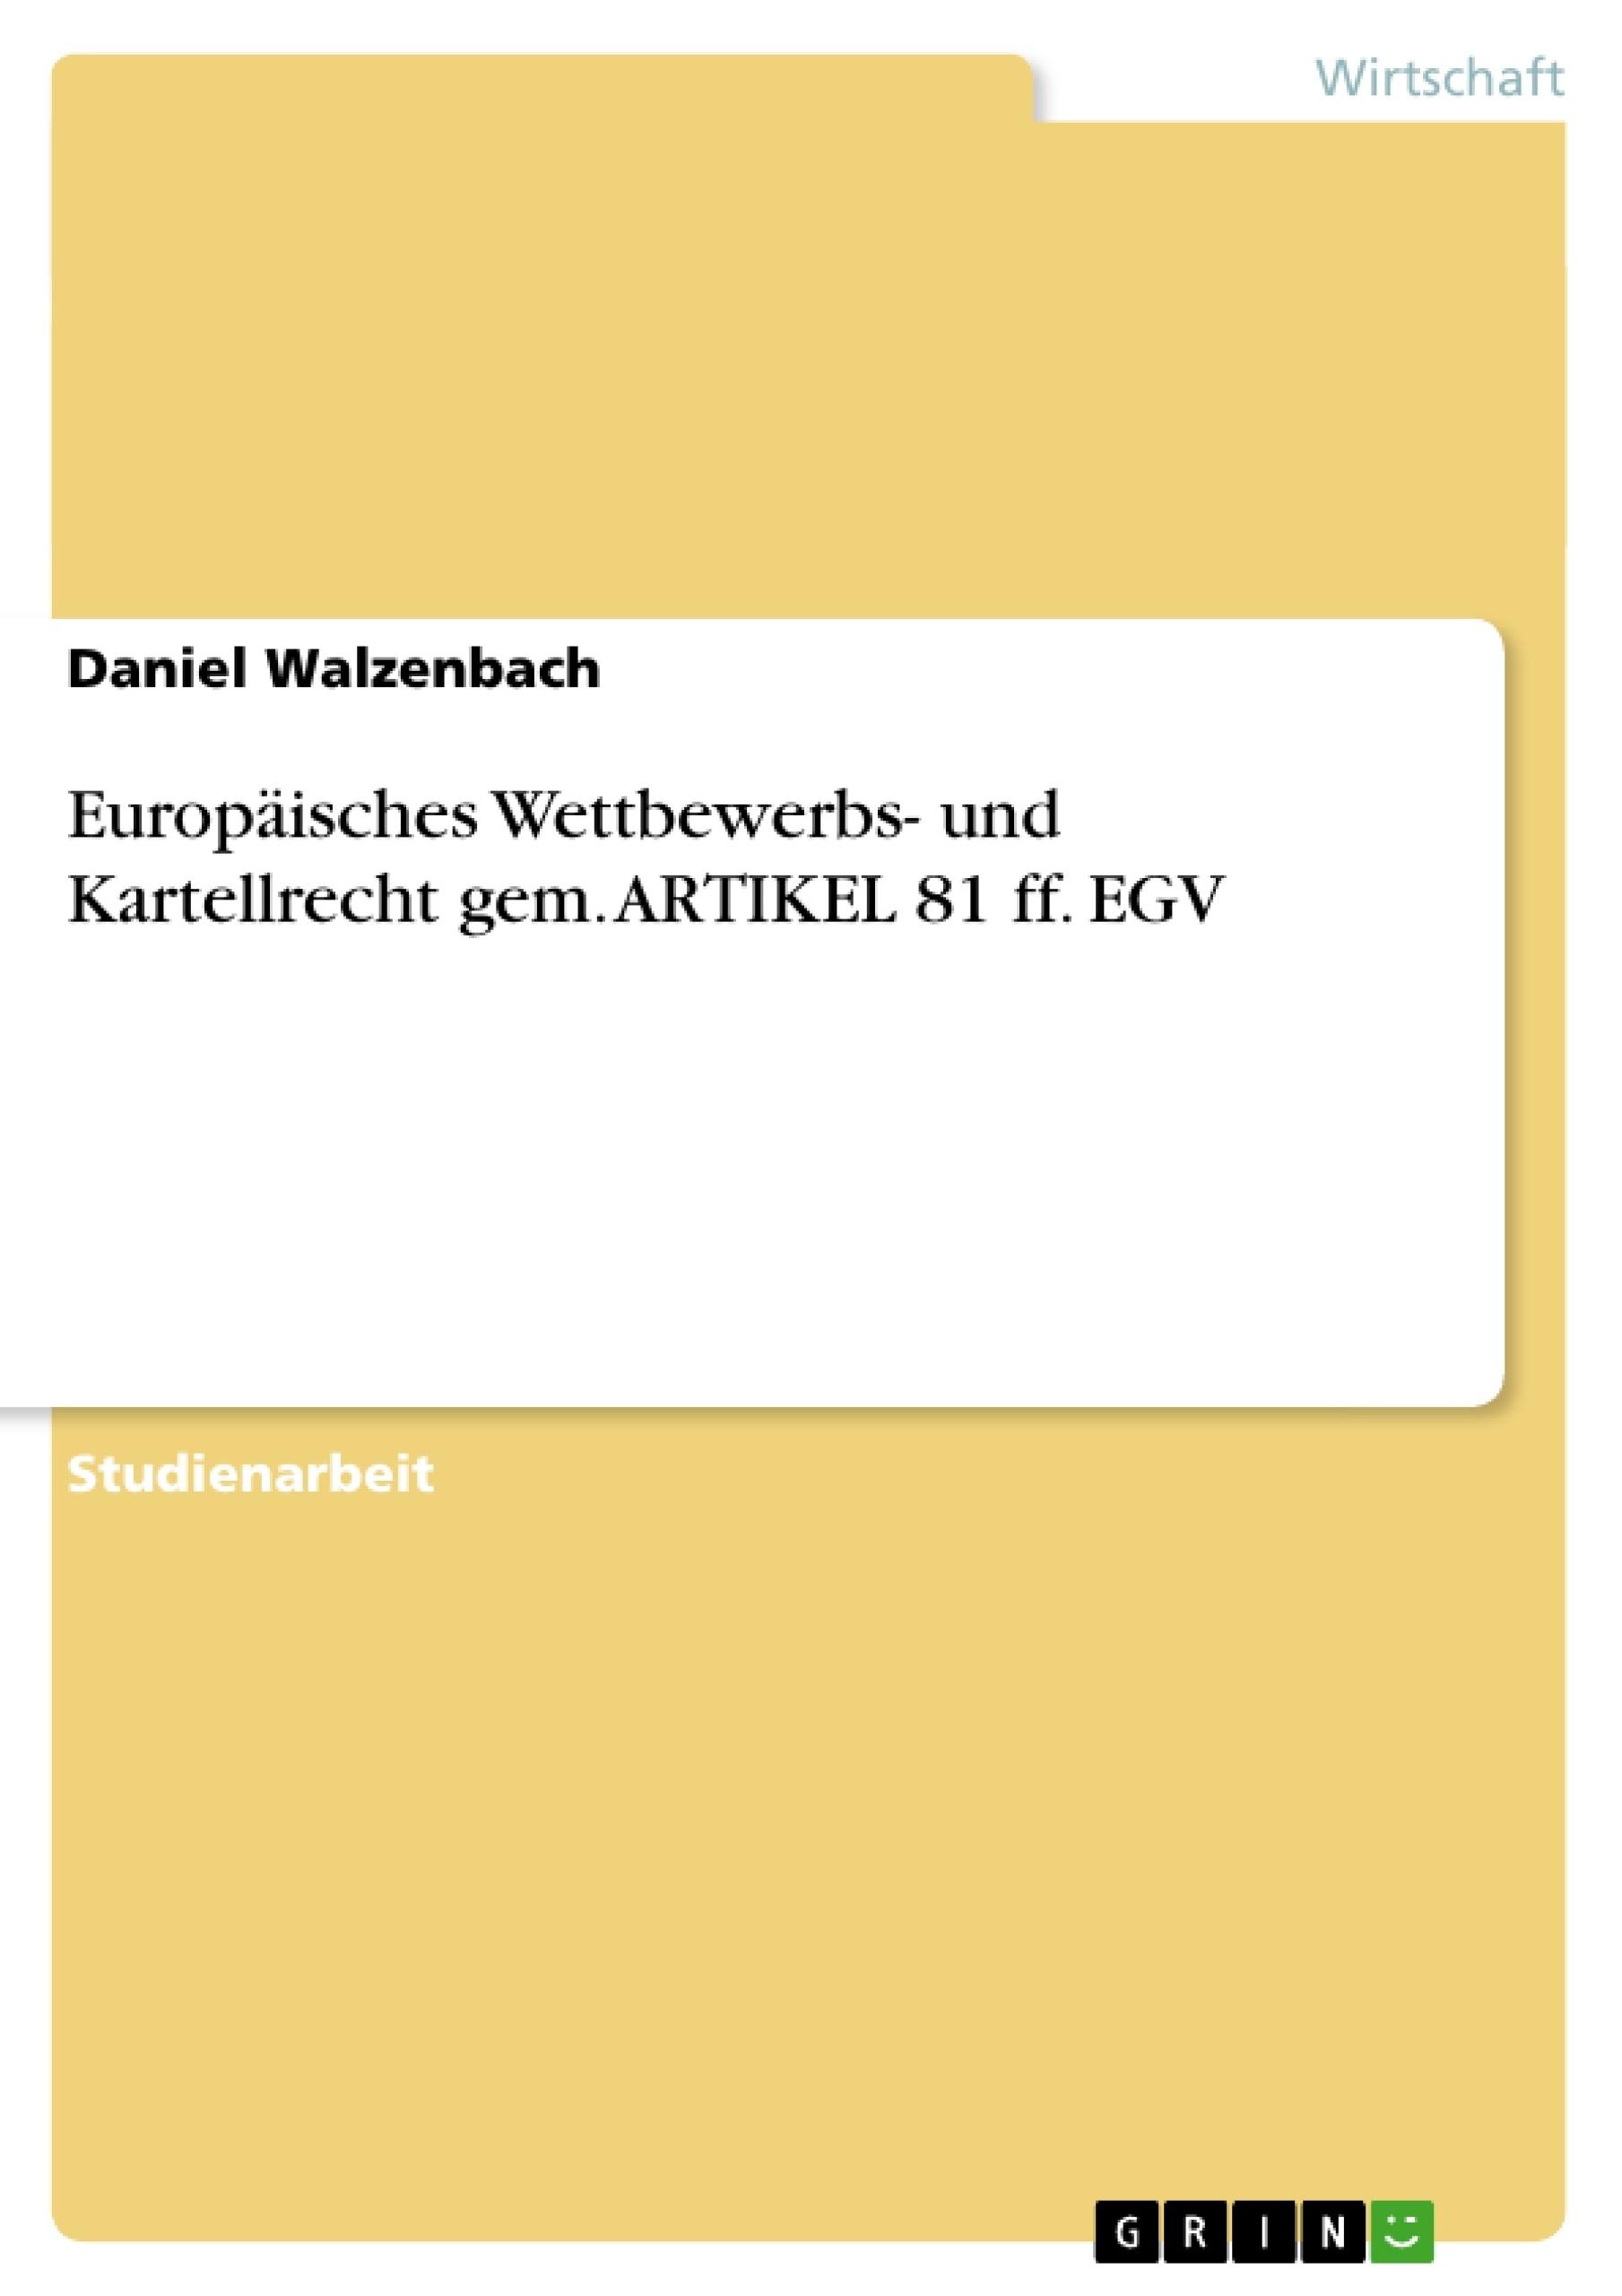 Titel: Europäisches Wettbewerbs- und Kartellrecht gem. ARTIKEL 81 ff. EGV